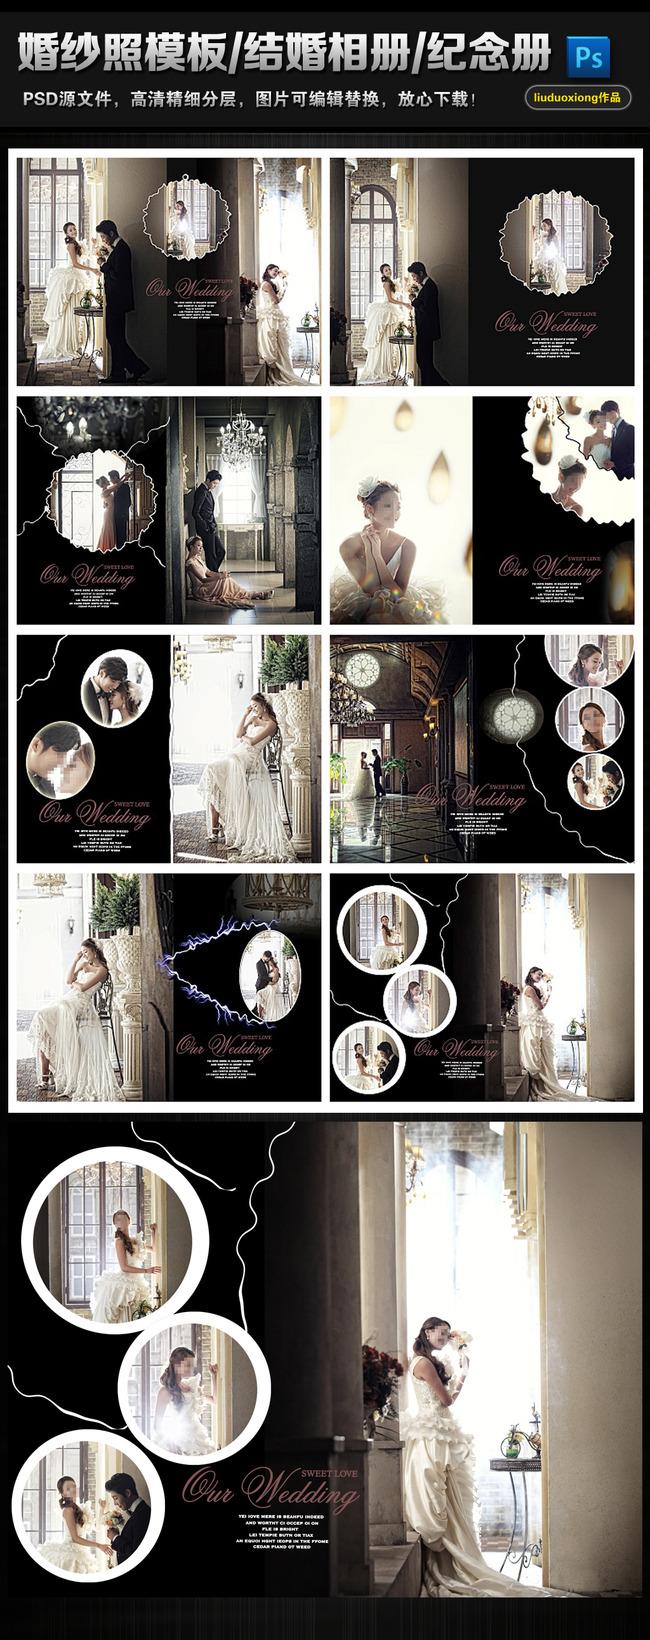 高档欧式婚纱照相册影楼画册结婚纪念册模板